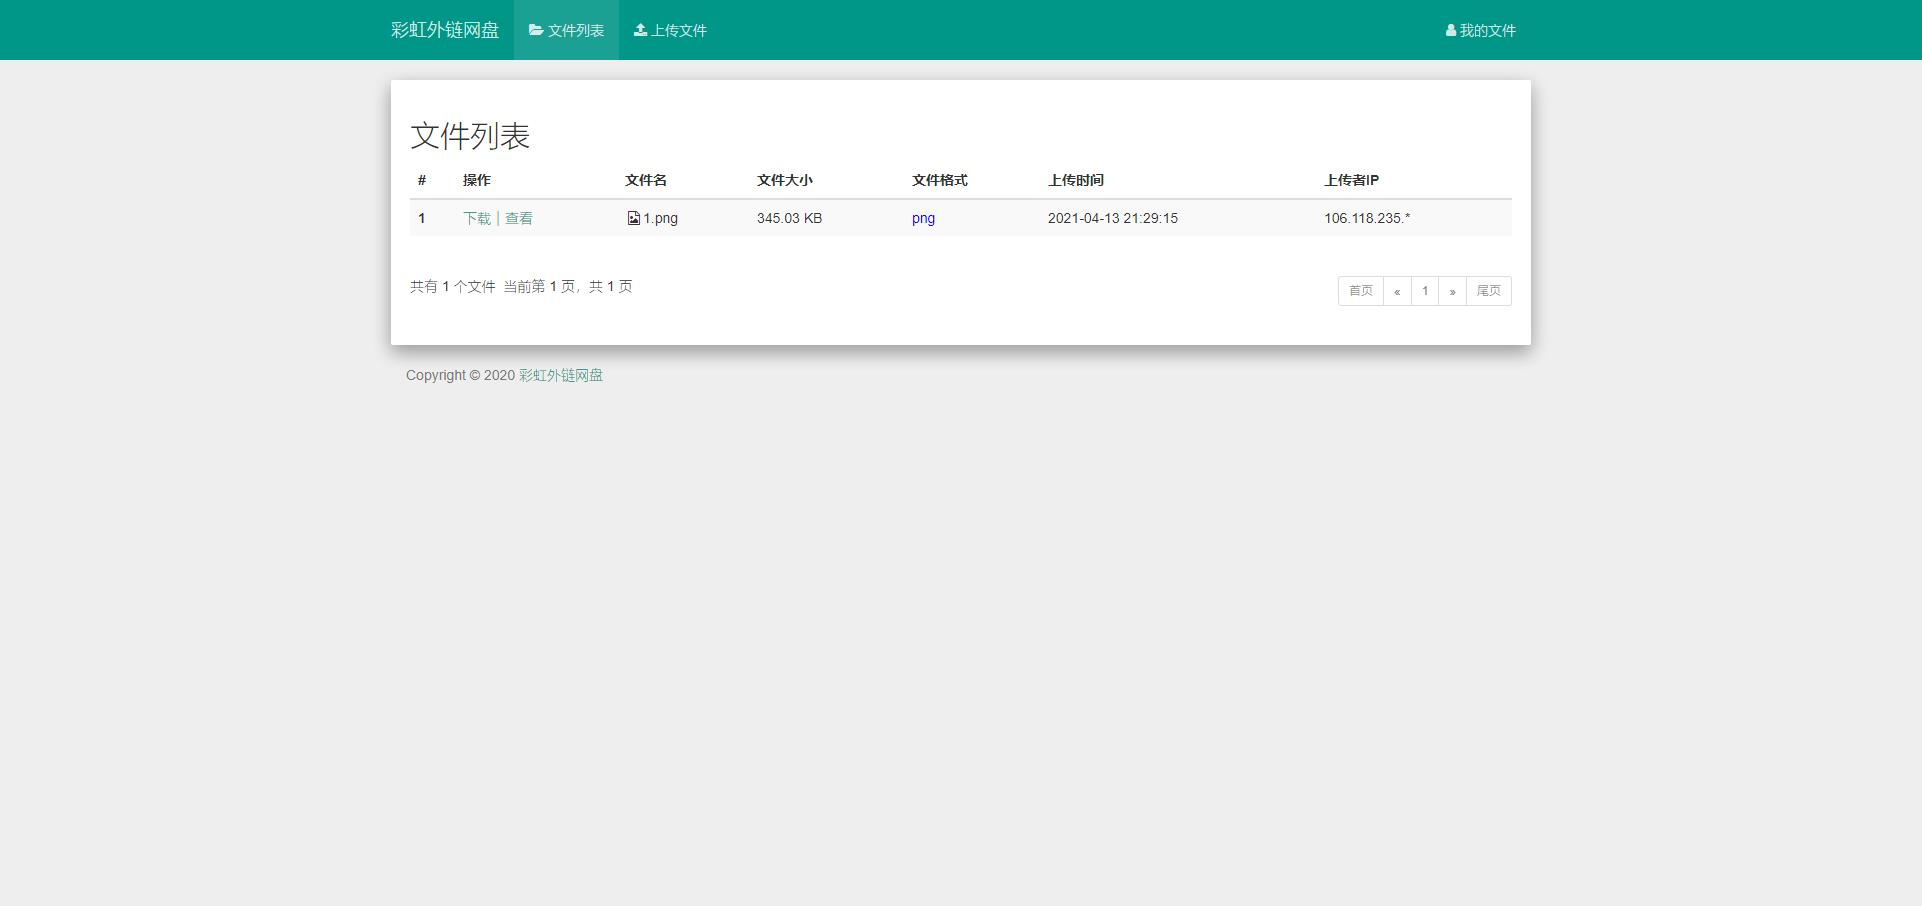 亲测丨彩虹外链网盘V5.2源码 PHP网盘外链分享程序源码下载